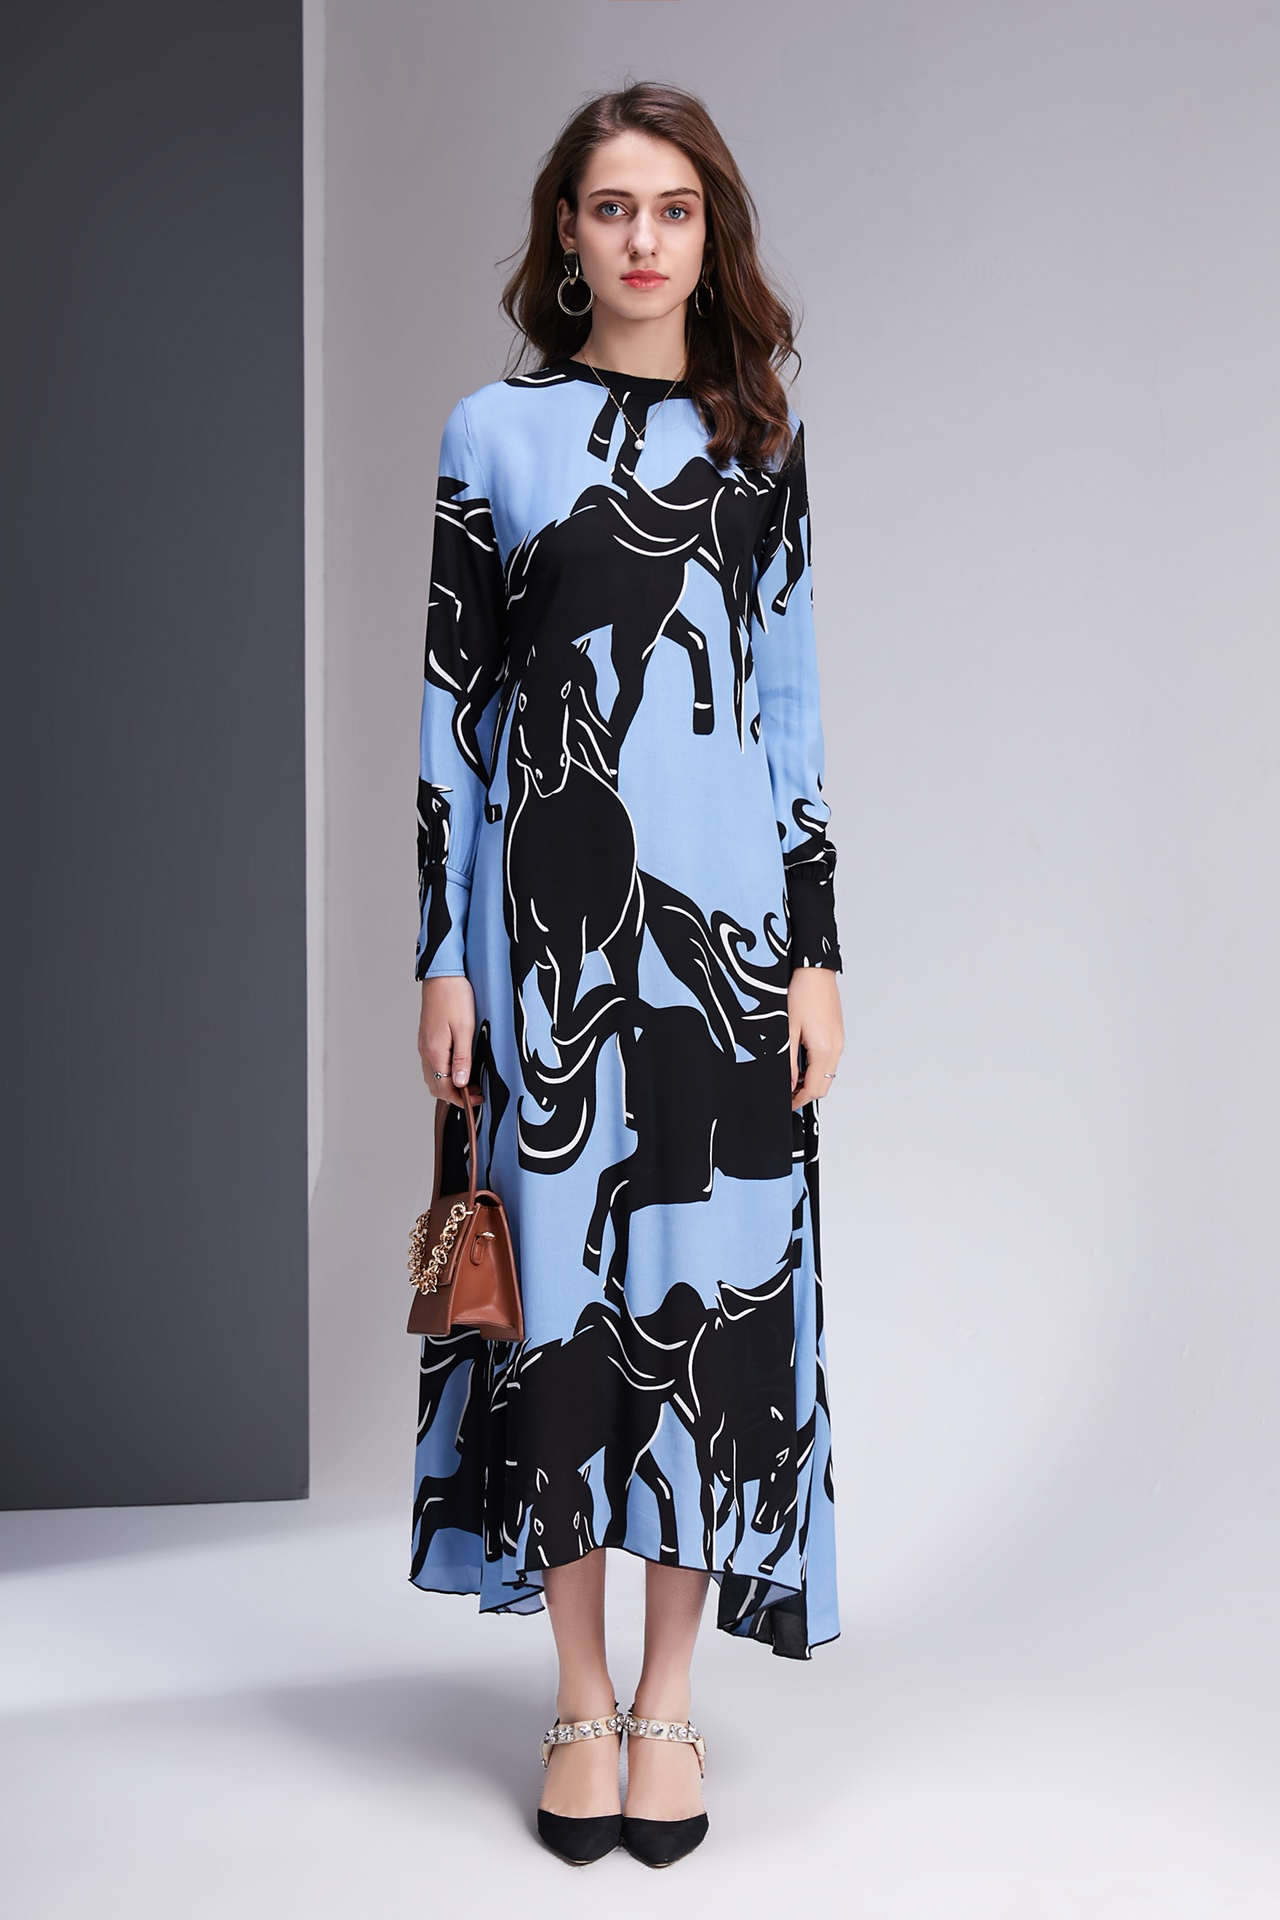 83e23203e17 O De 2019 Robes Nouveau Taille Imprimer Blue 4 Femmes Manches Couleur  Poignet cou Cheval 1 drBCxoeQW